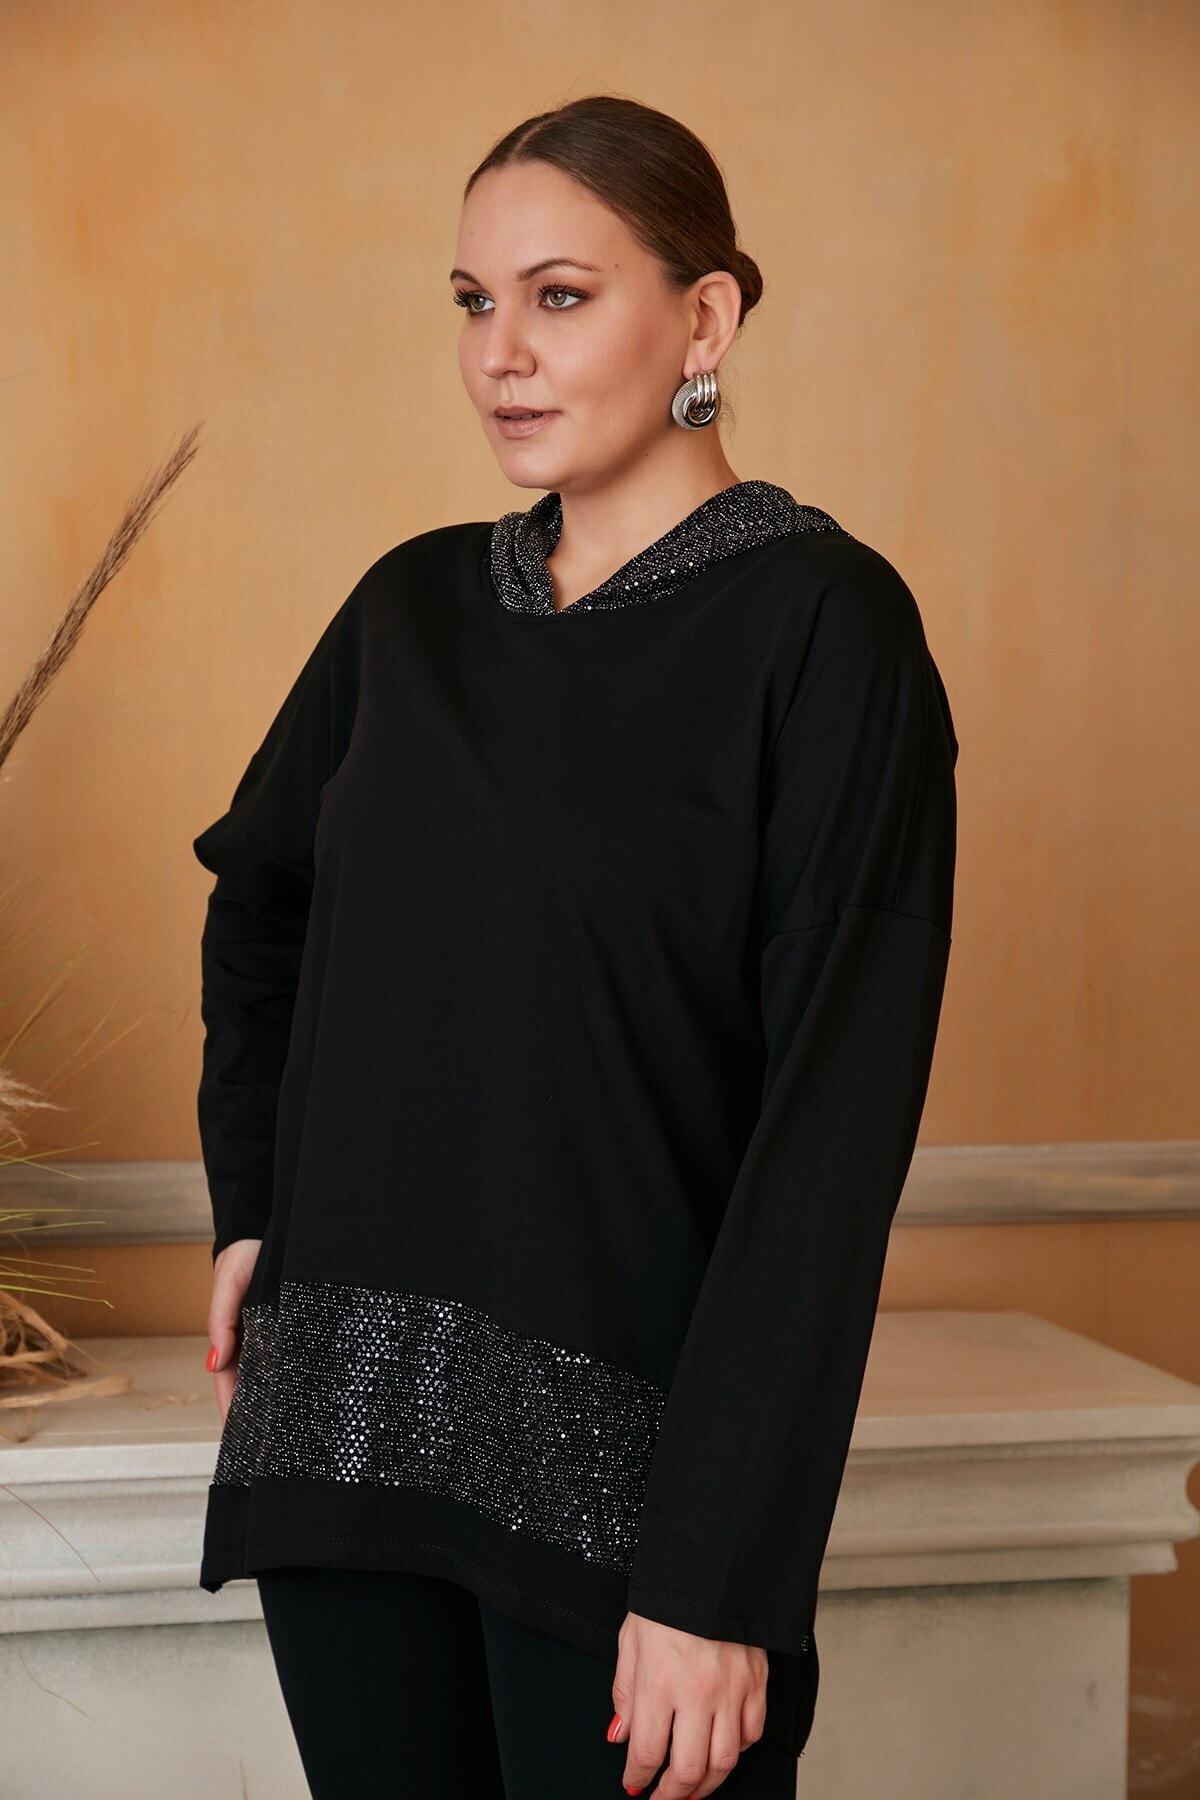 RMG Kadın Siyah Kapşon Ve Eteği Pullu Büyük Beden Sweatshirt 2